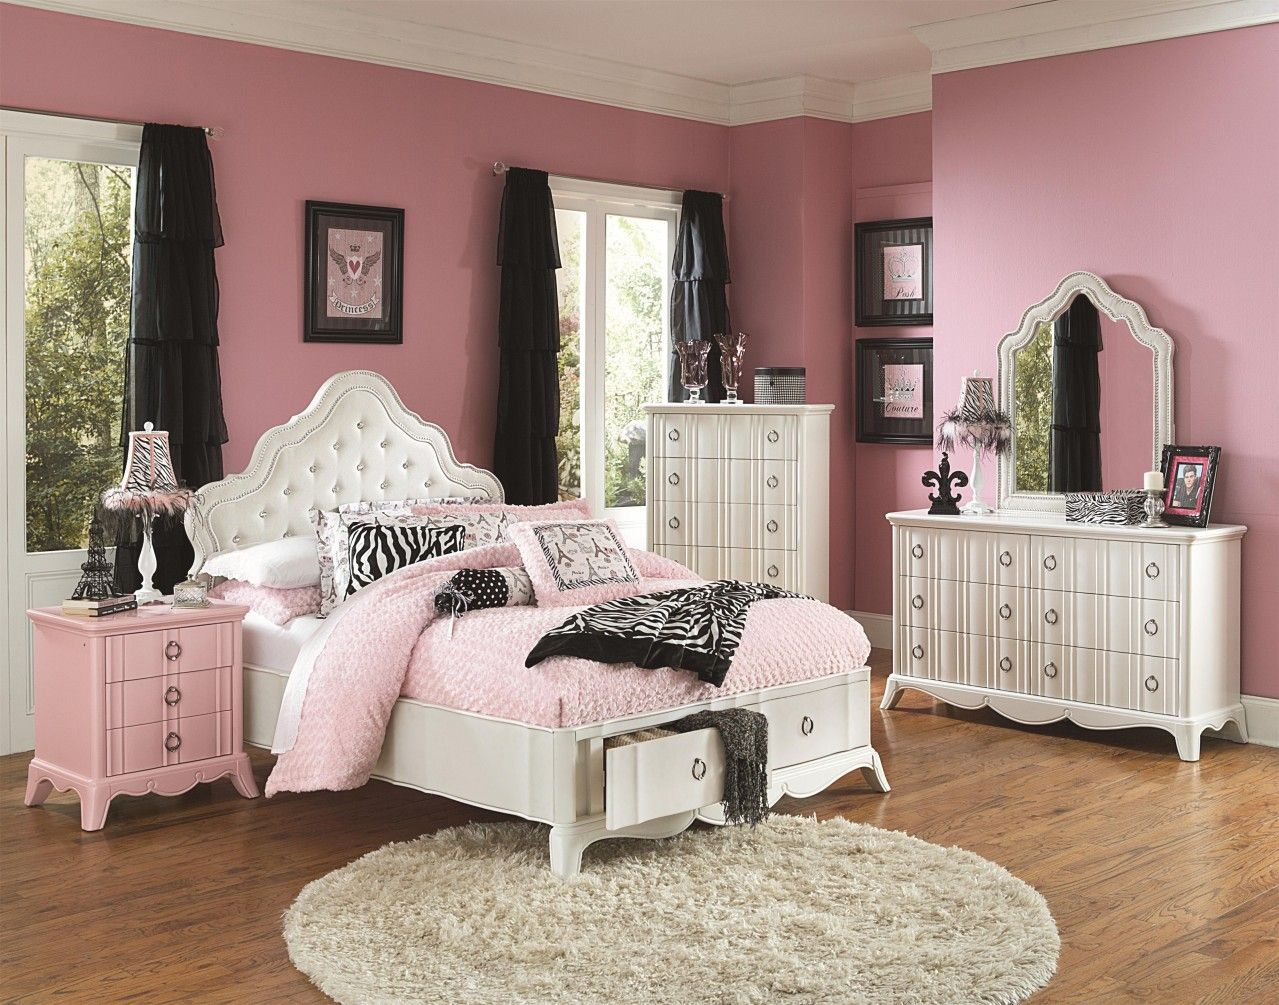 Magnussen Furniture Gabrielle Island Storage Bedroom Set in Snow ...